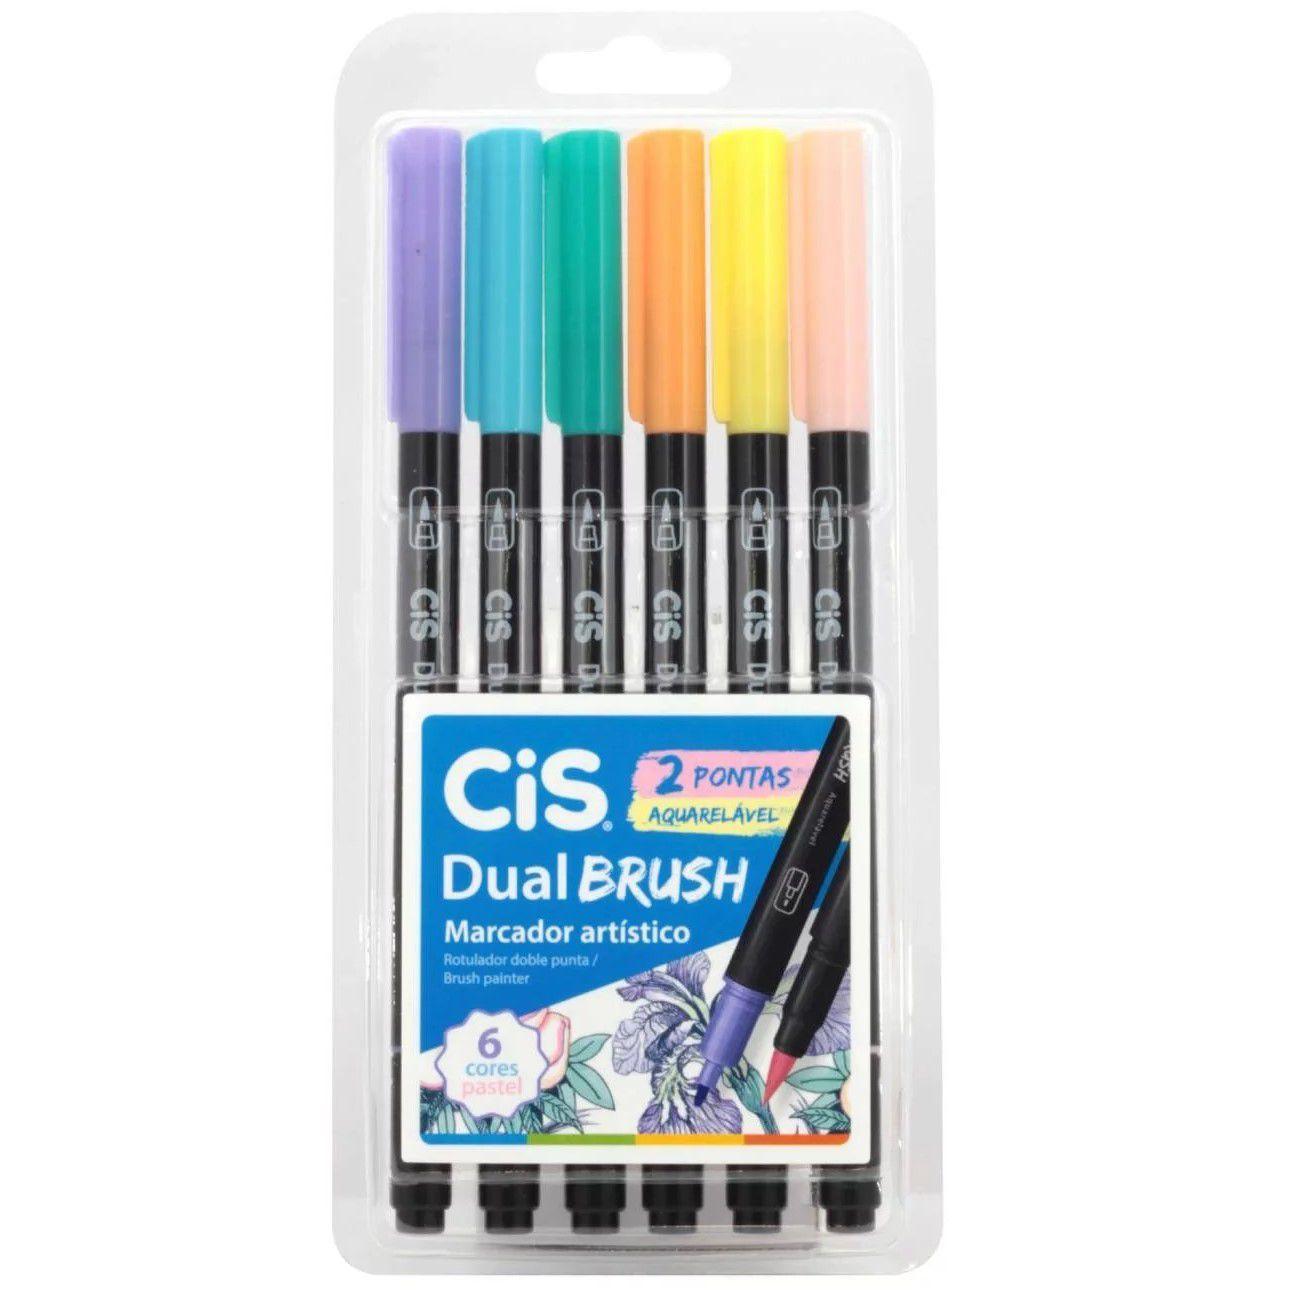 Caneta dual brush 6 cores pastel Cis